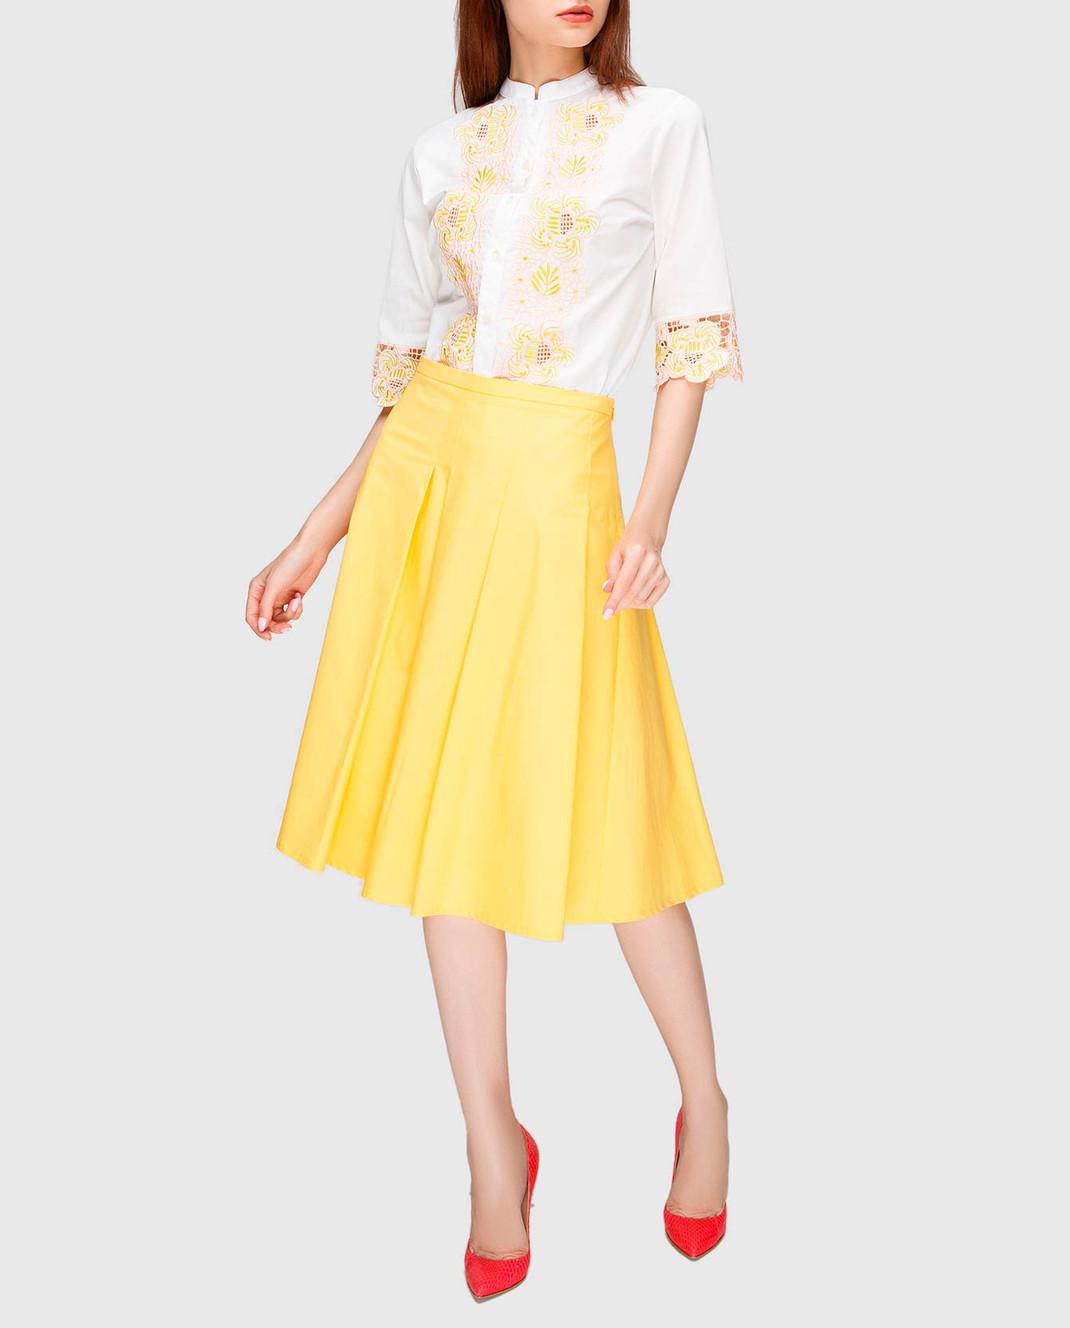 Etro Белая блуза с вышивкой D15180 изображение 2